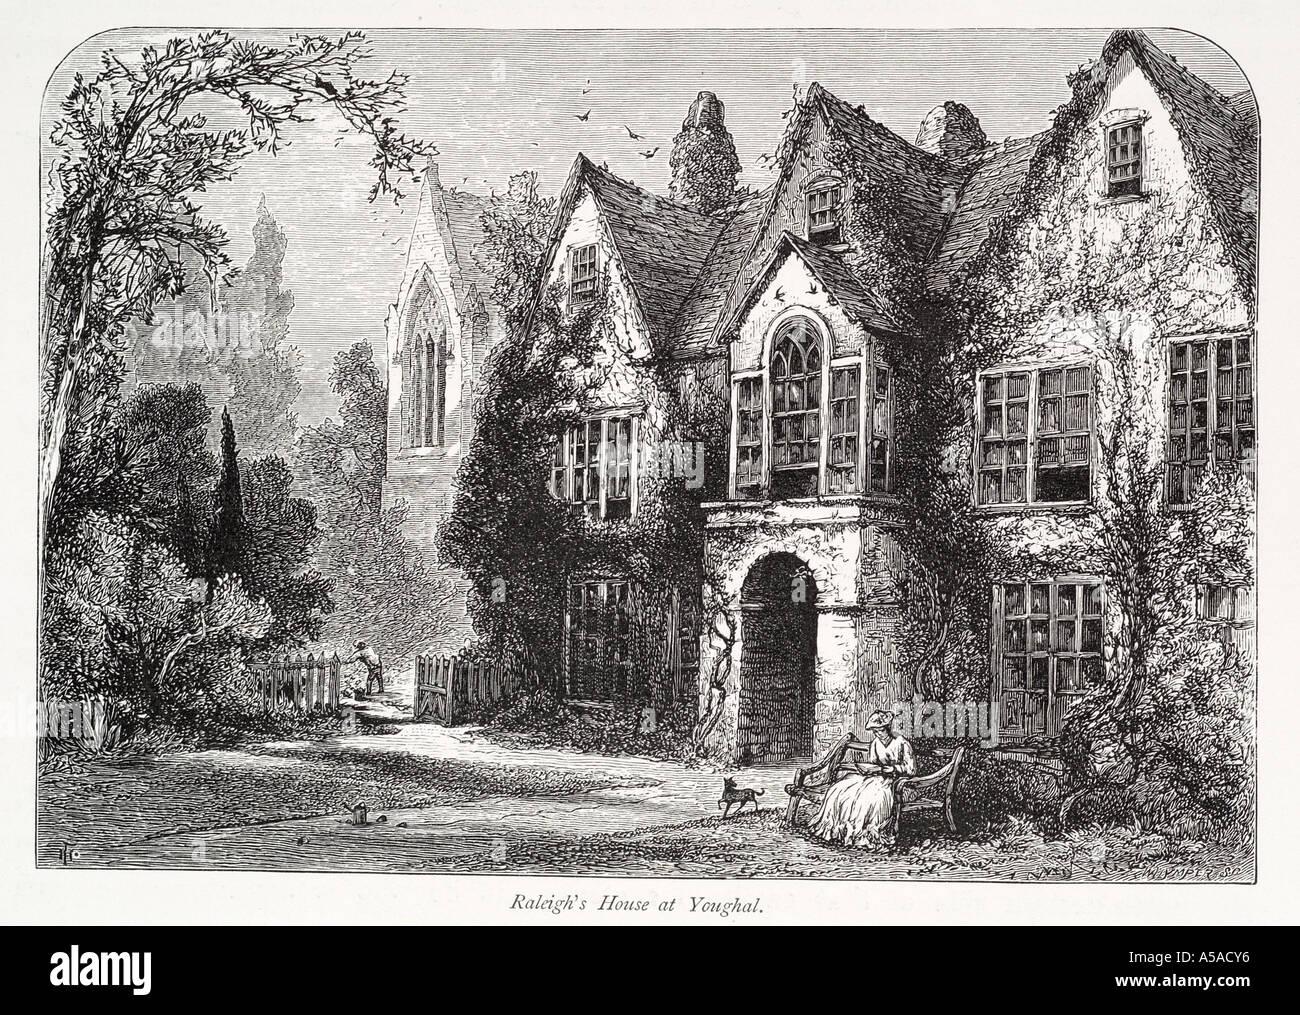 Sir Walter Raleigh residencia youghal co County Cork eochaille yew earl jardín banqueta delantera perro mujer República Foto de stock